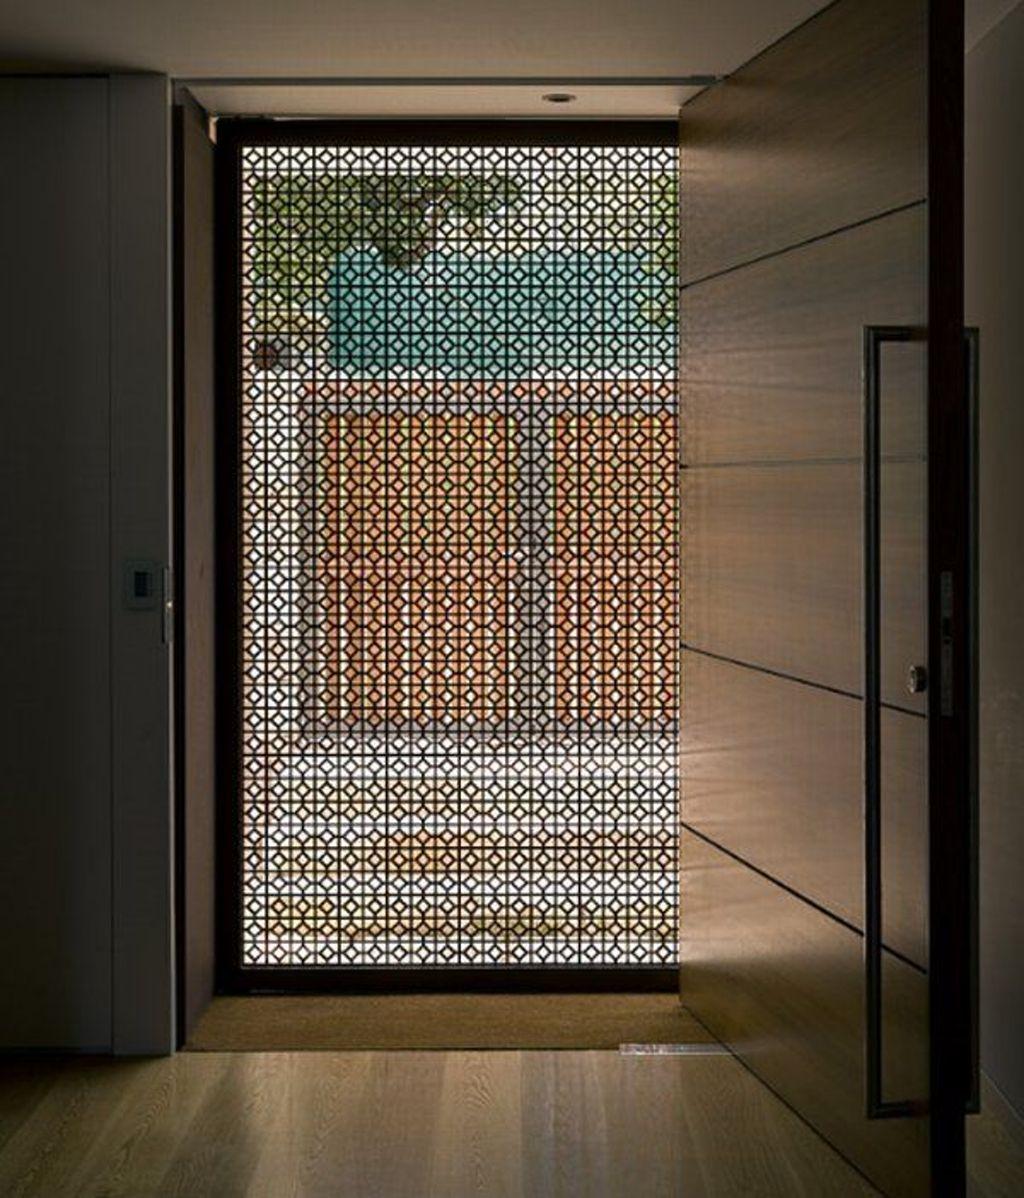 modern screen door inspiration interior design ideas and a few rh pinterest com